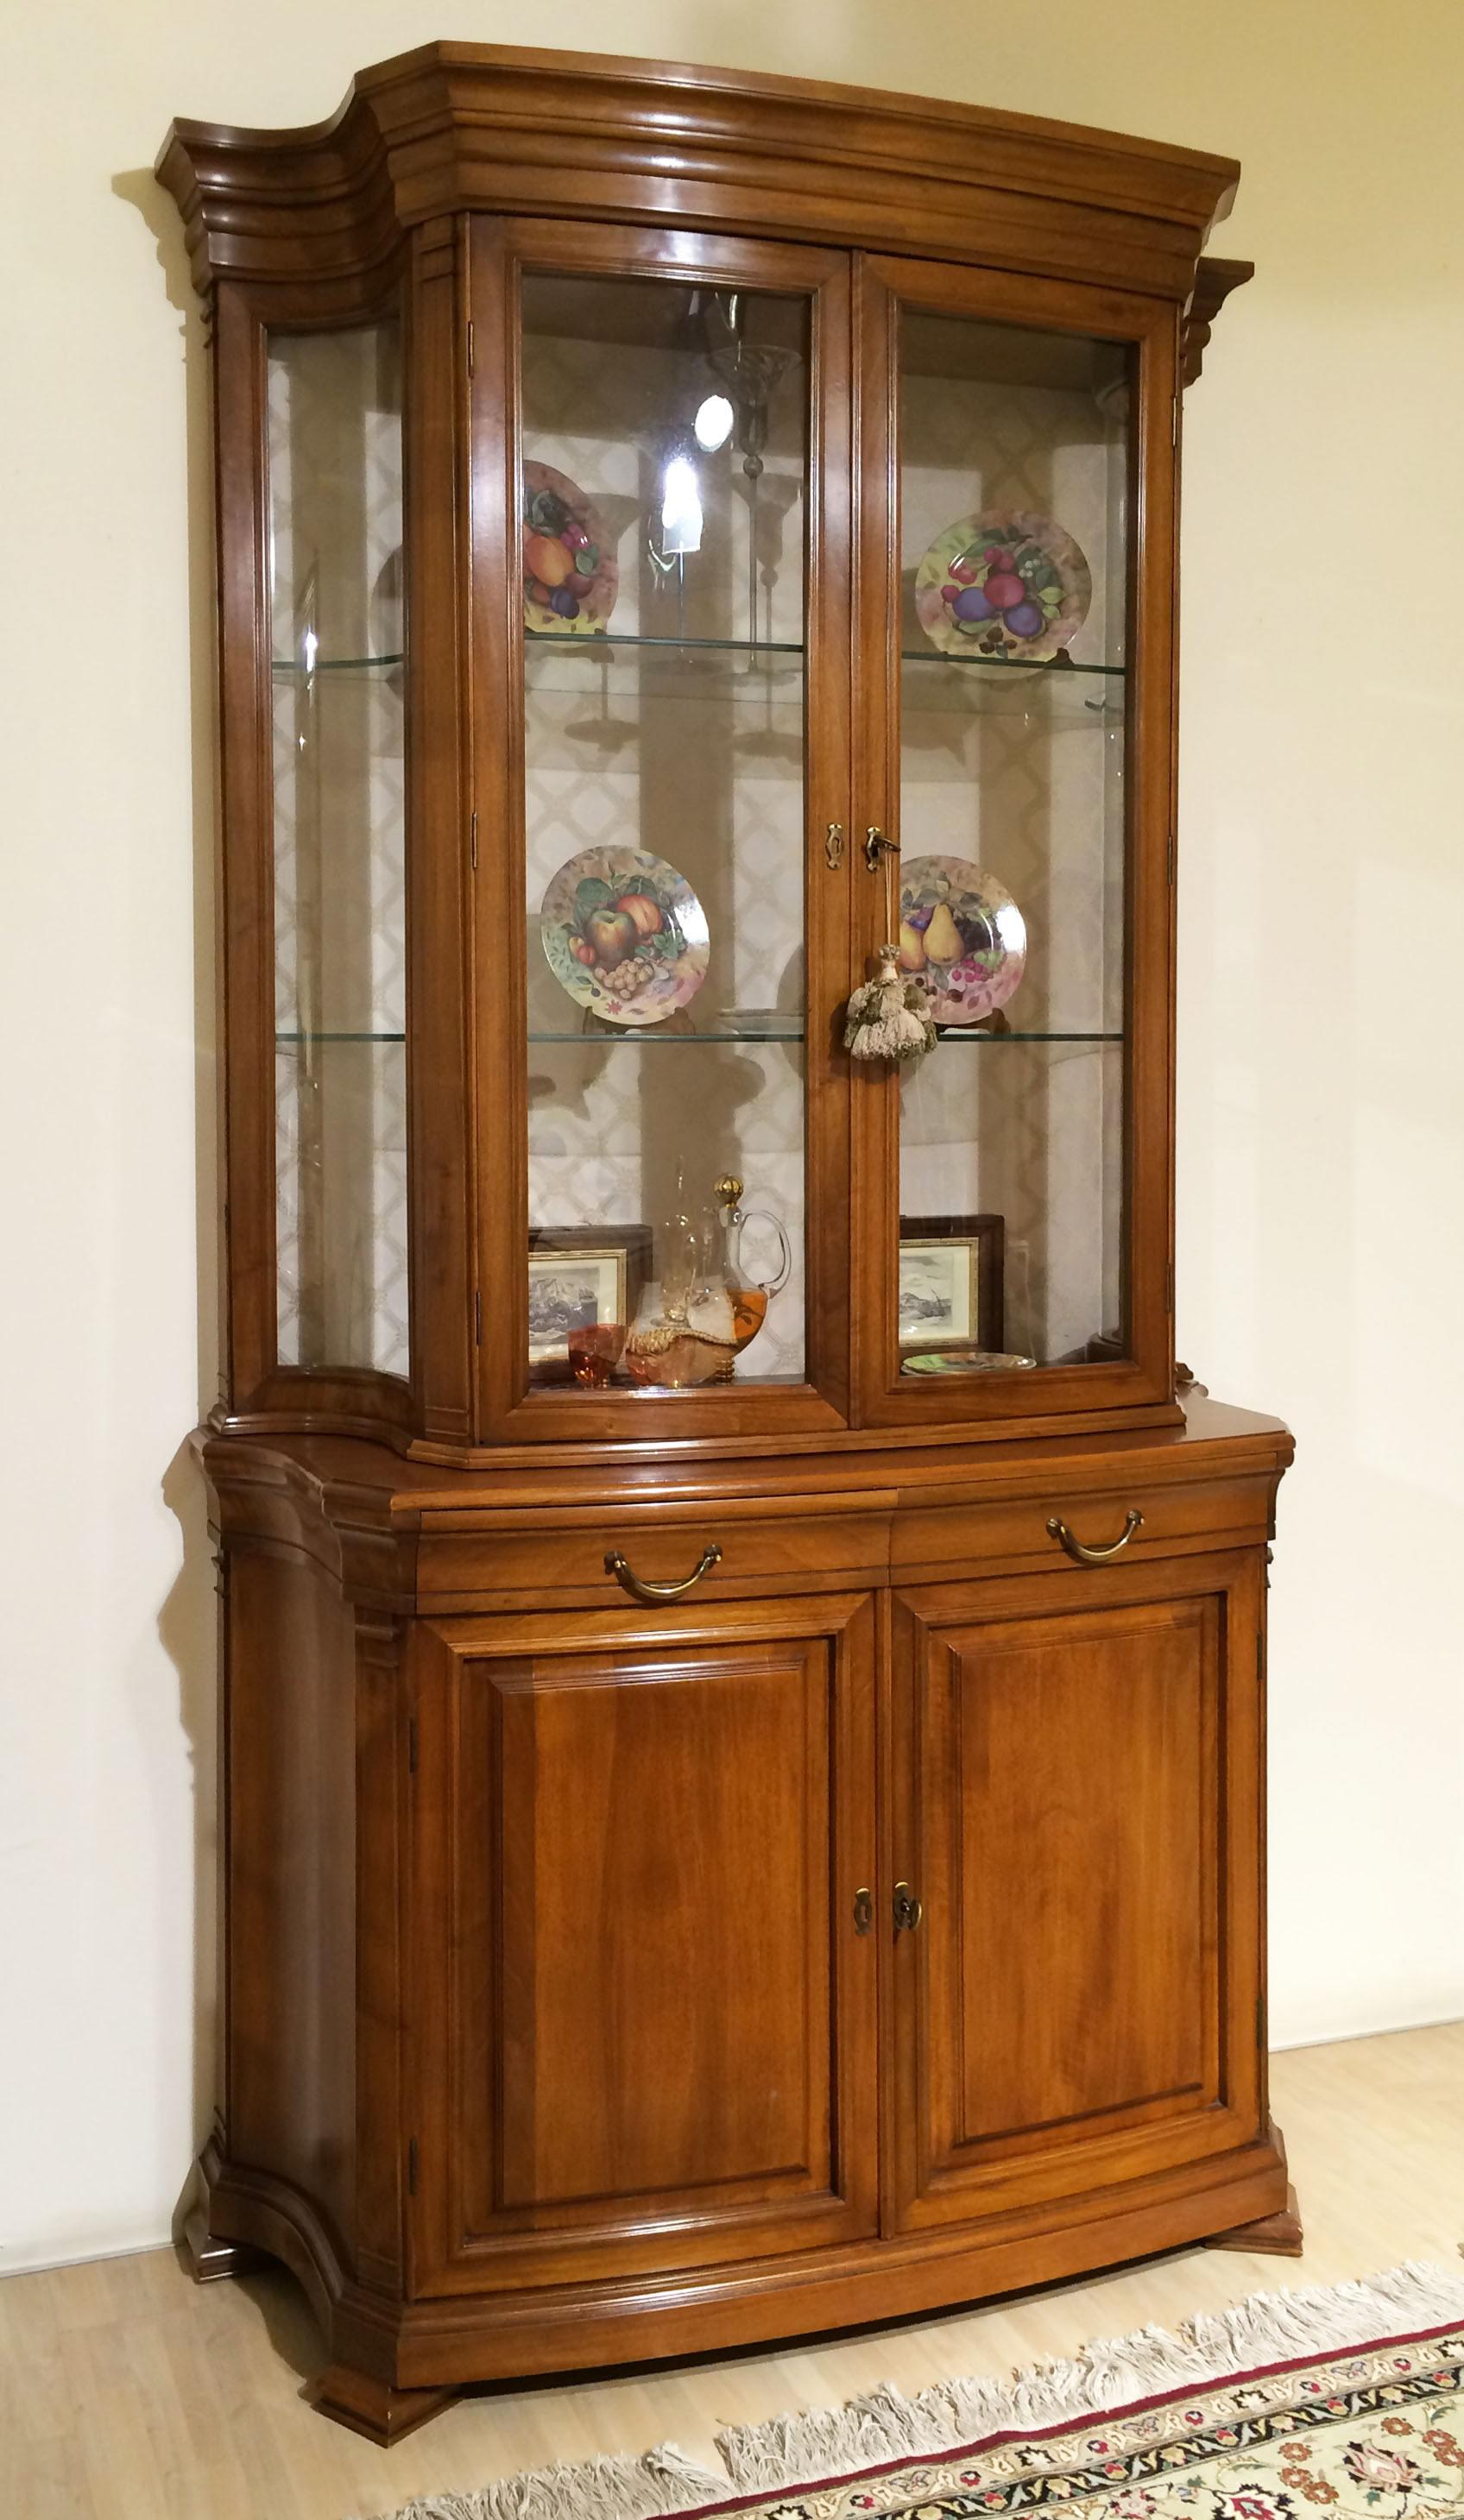 Vetrina stile 800 in legno massello noce chiaro newformsdesign mobili classici e di - Mobili classici legno massello ...